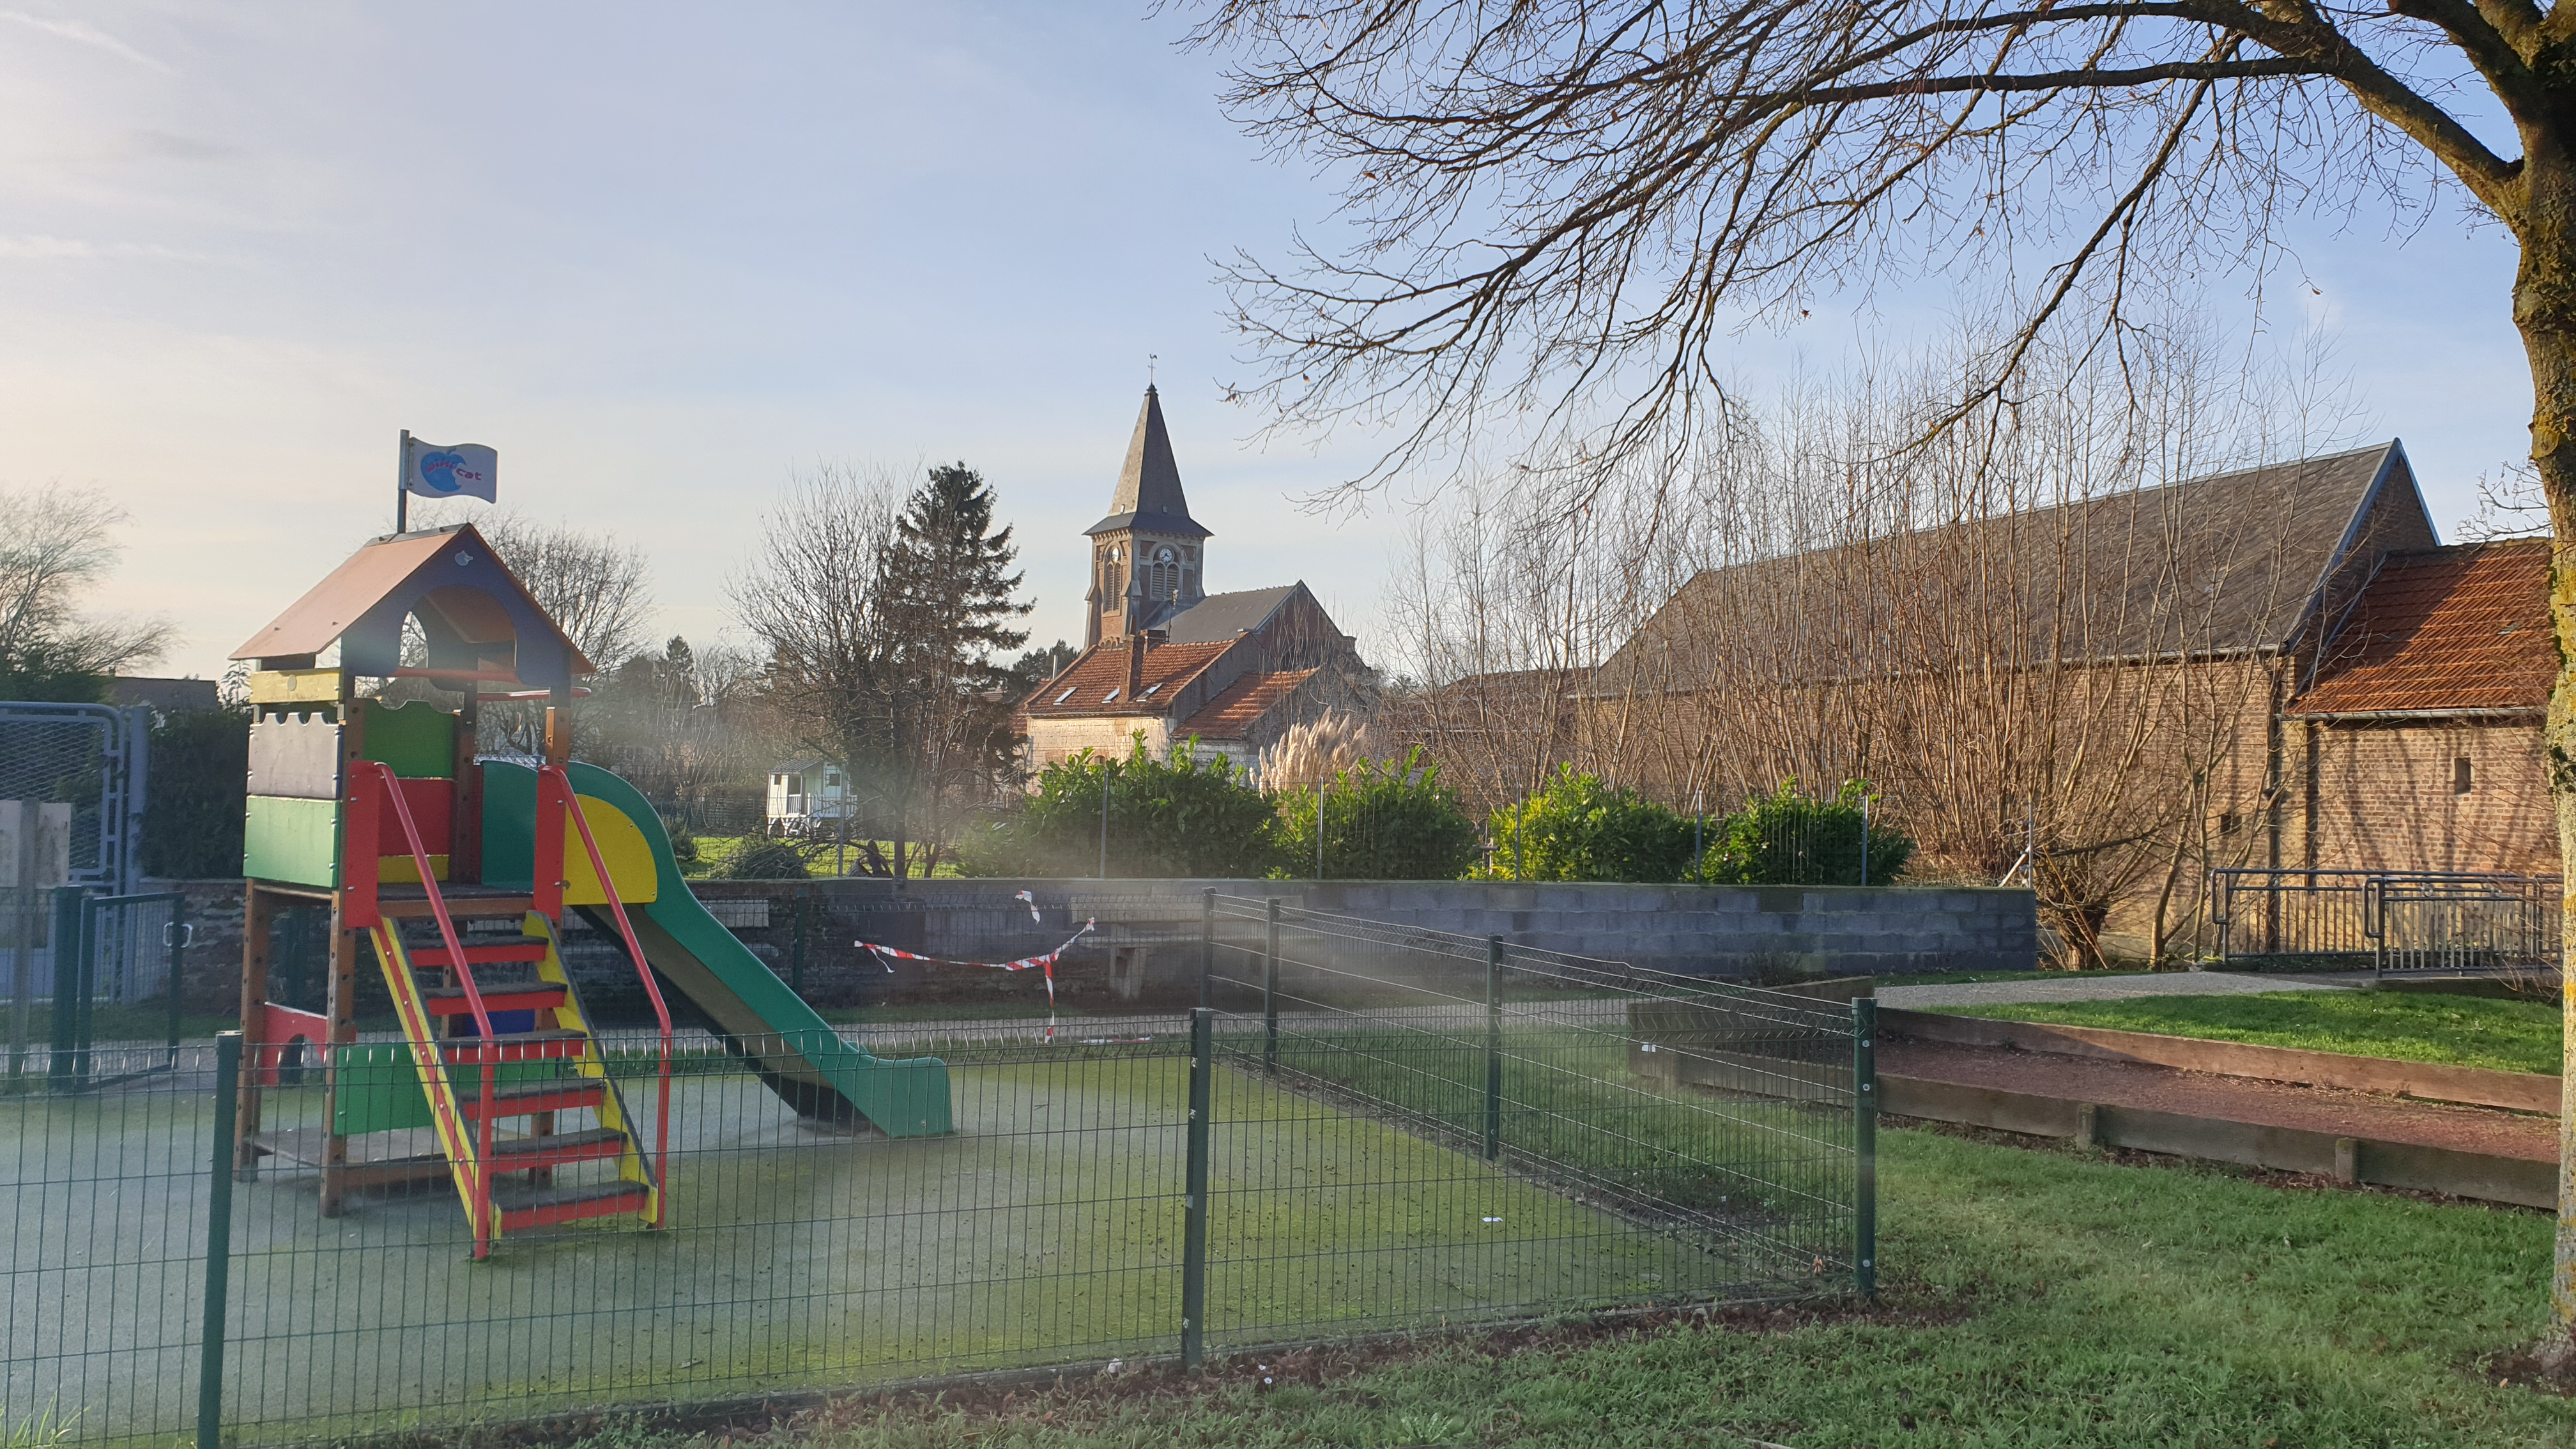 vue église depuis jeu enfant mode pro.jpg